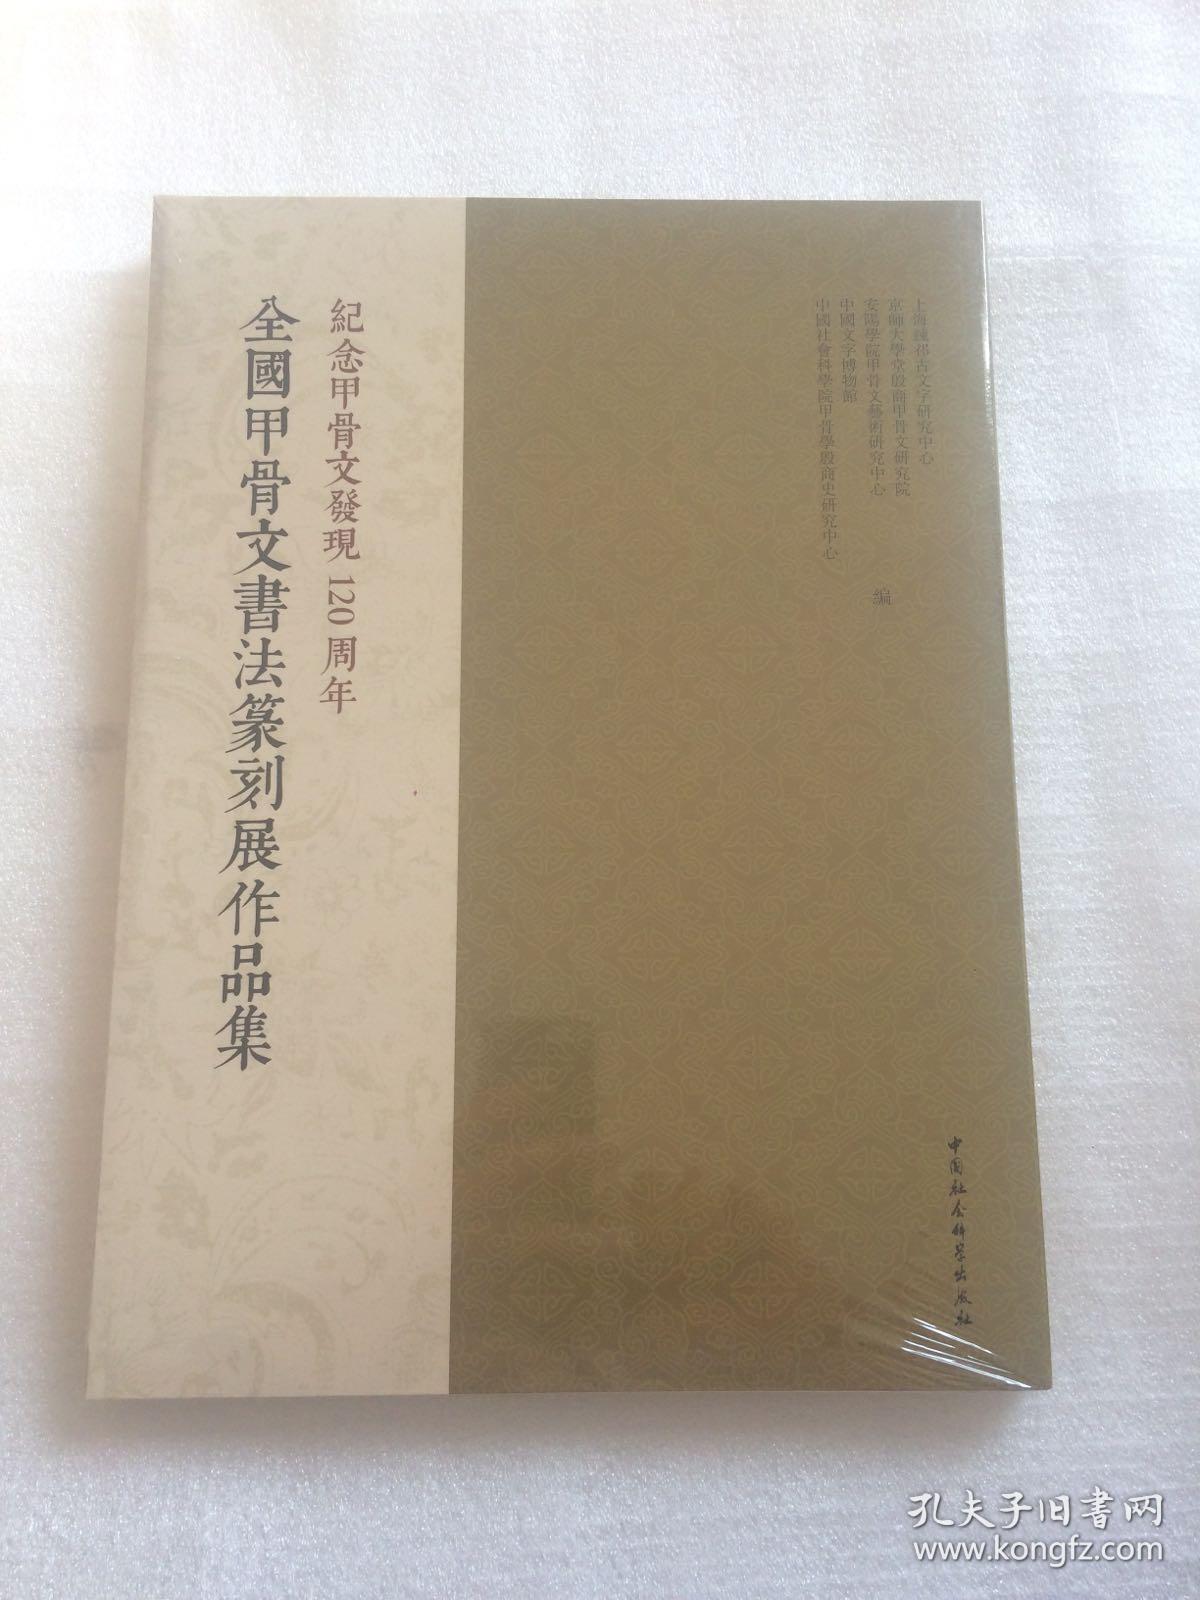 全国甲骨文书法篆刻展作品集:纪念甲骨文发现120周年